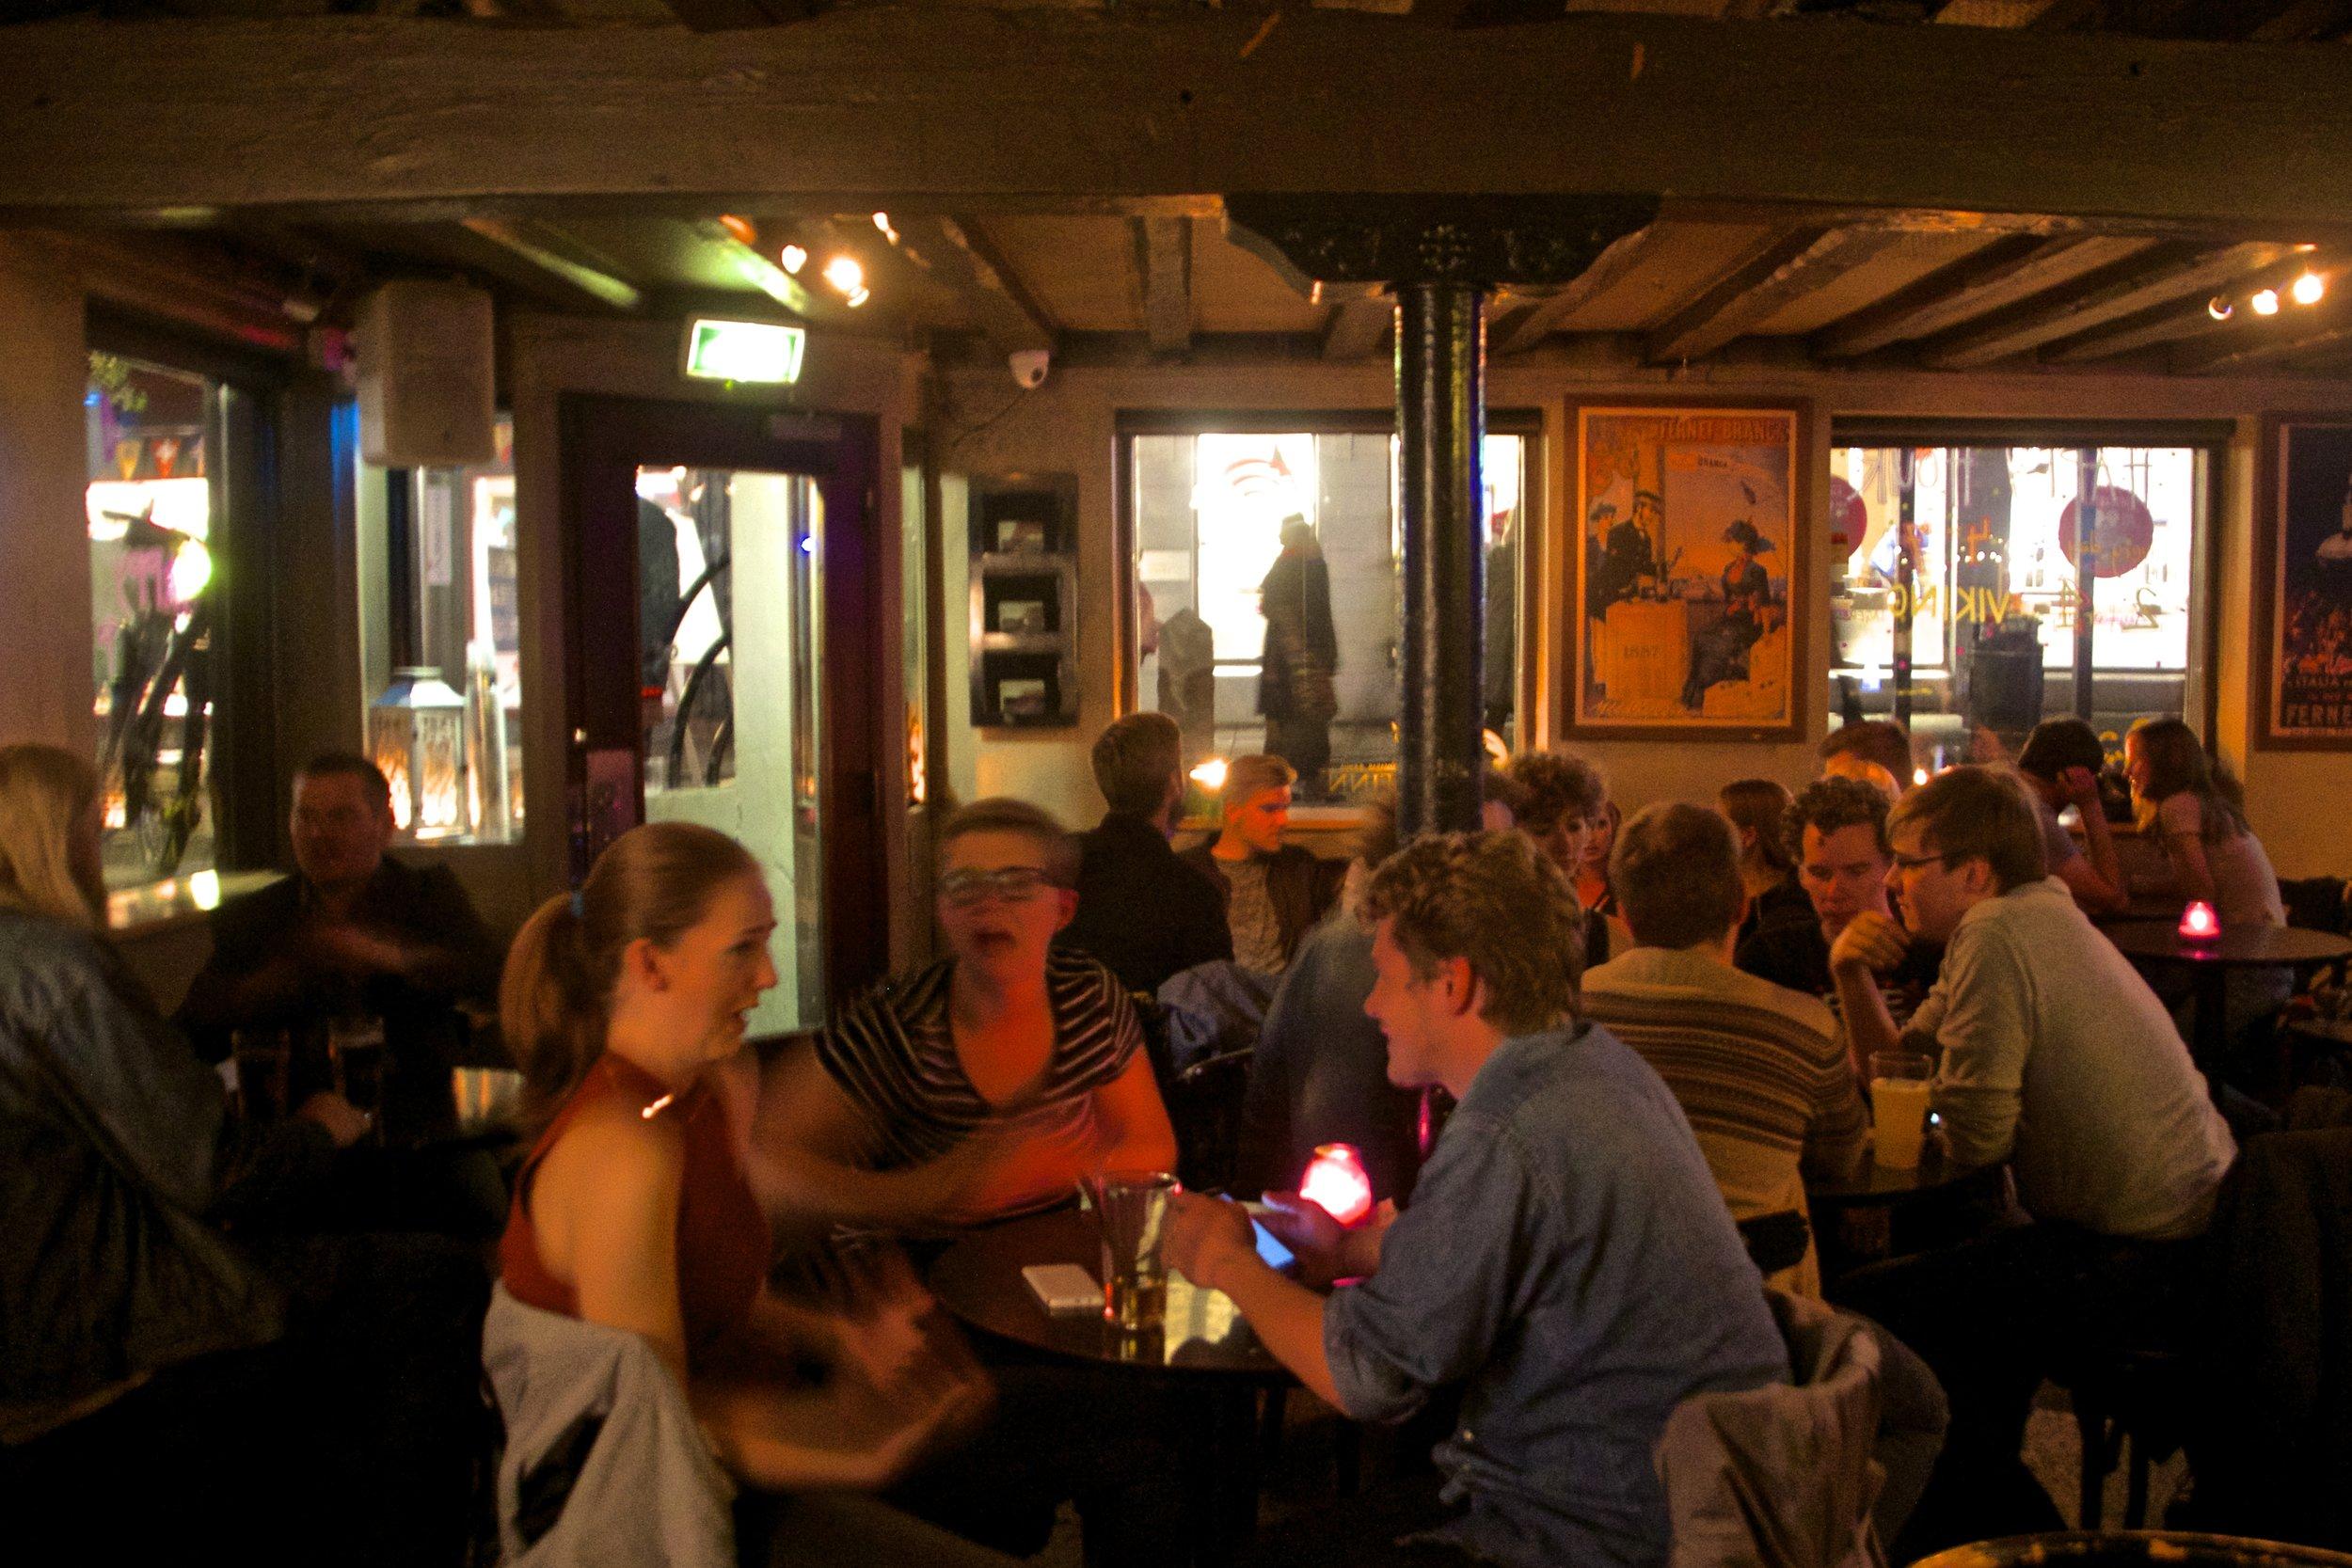 reykjavik nightlife kofinn 1.jpg